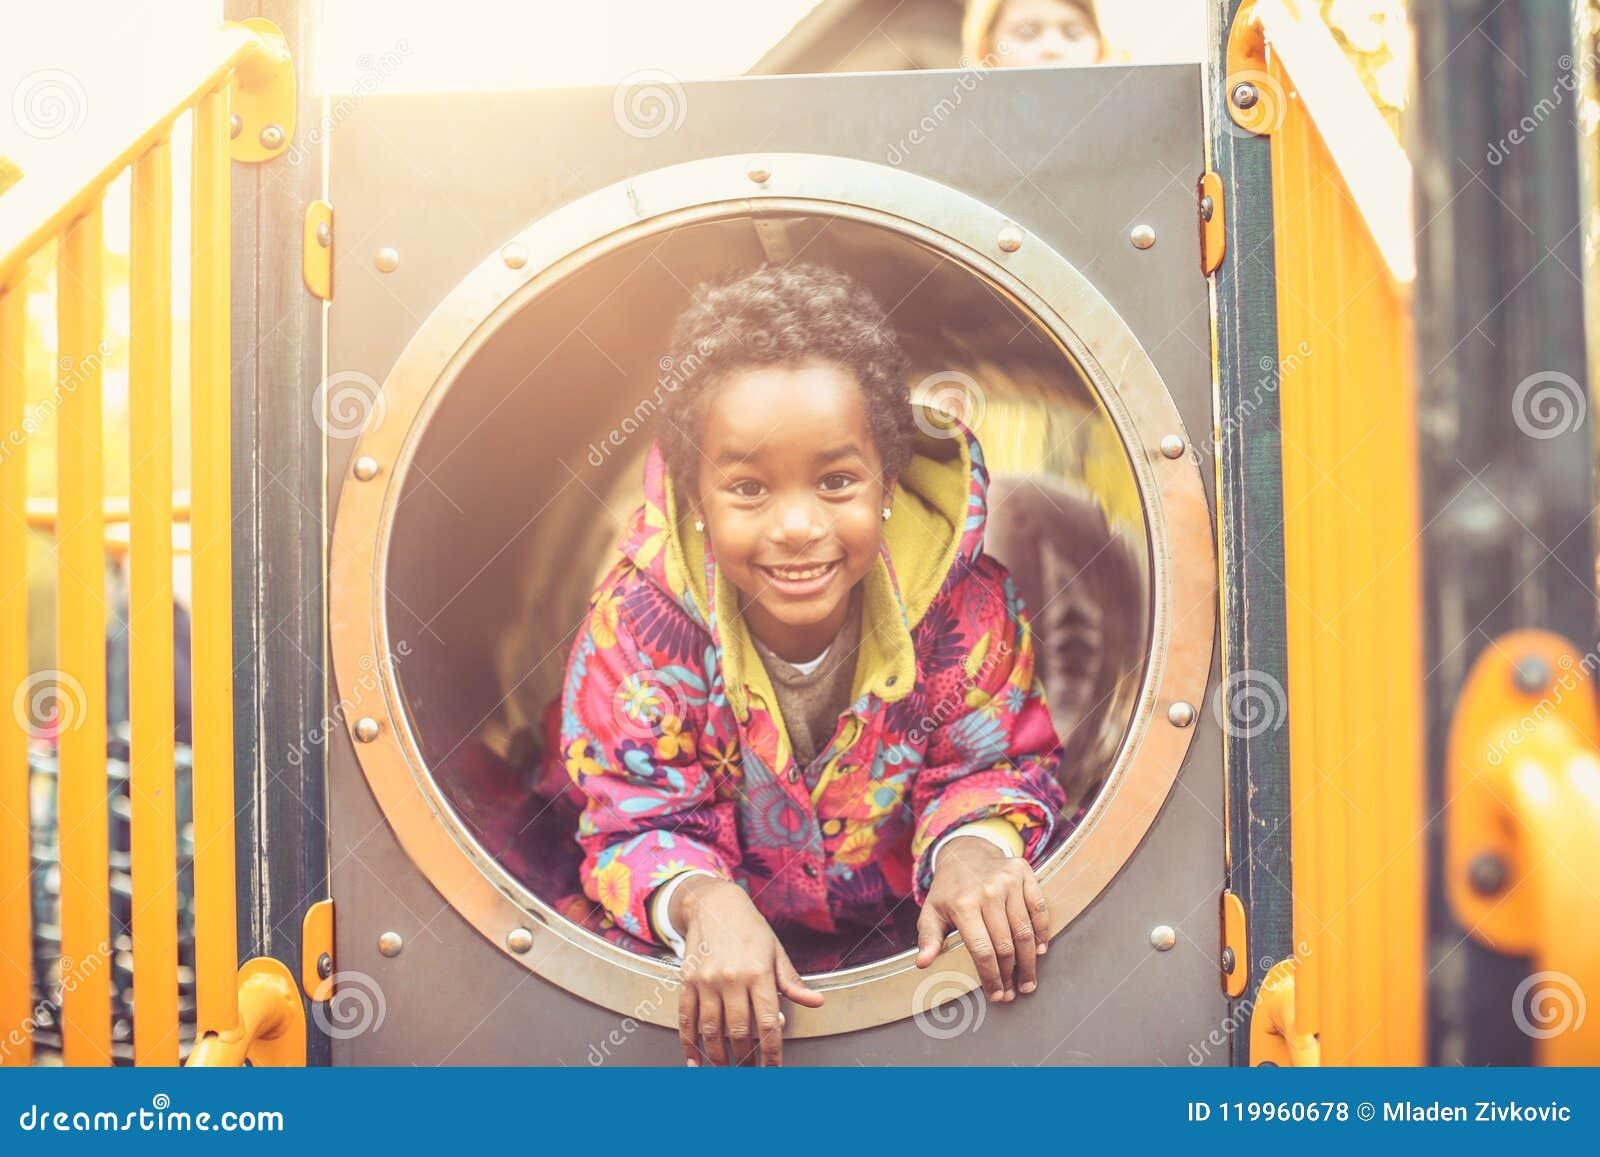 Criança feliz afro-americano olhando a câmera